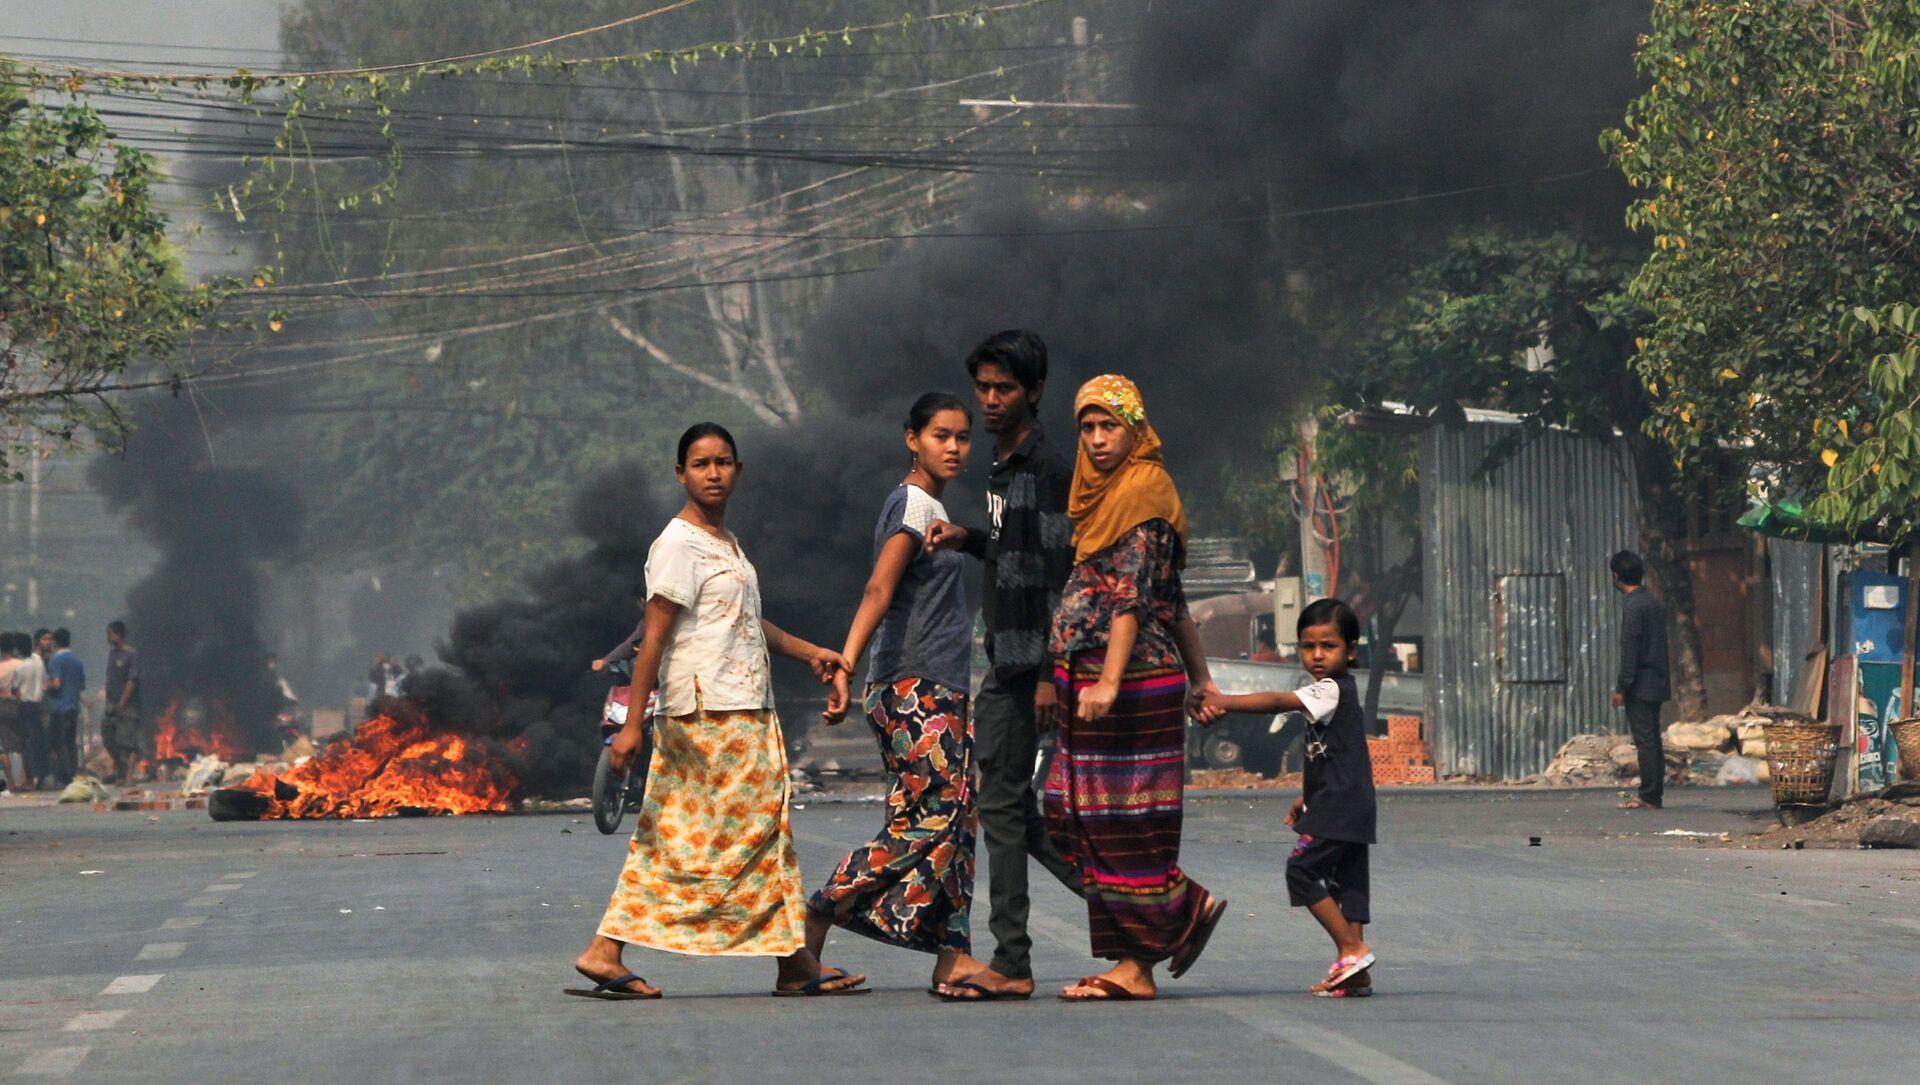 Người dân trên đường phố với chướng ngại vật cháy trong cuộc biểu tình chống đảo chính quân sự ở Mandalay, Myanmar. - Sputnik Việt Nam, 1920, 27.03.2021